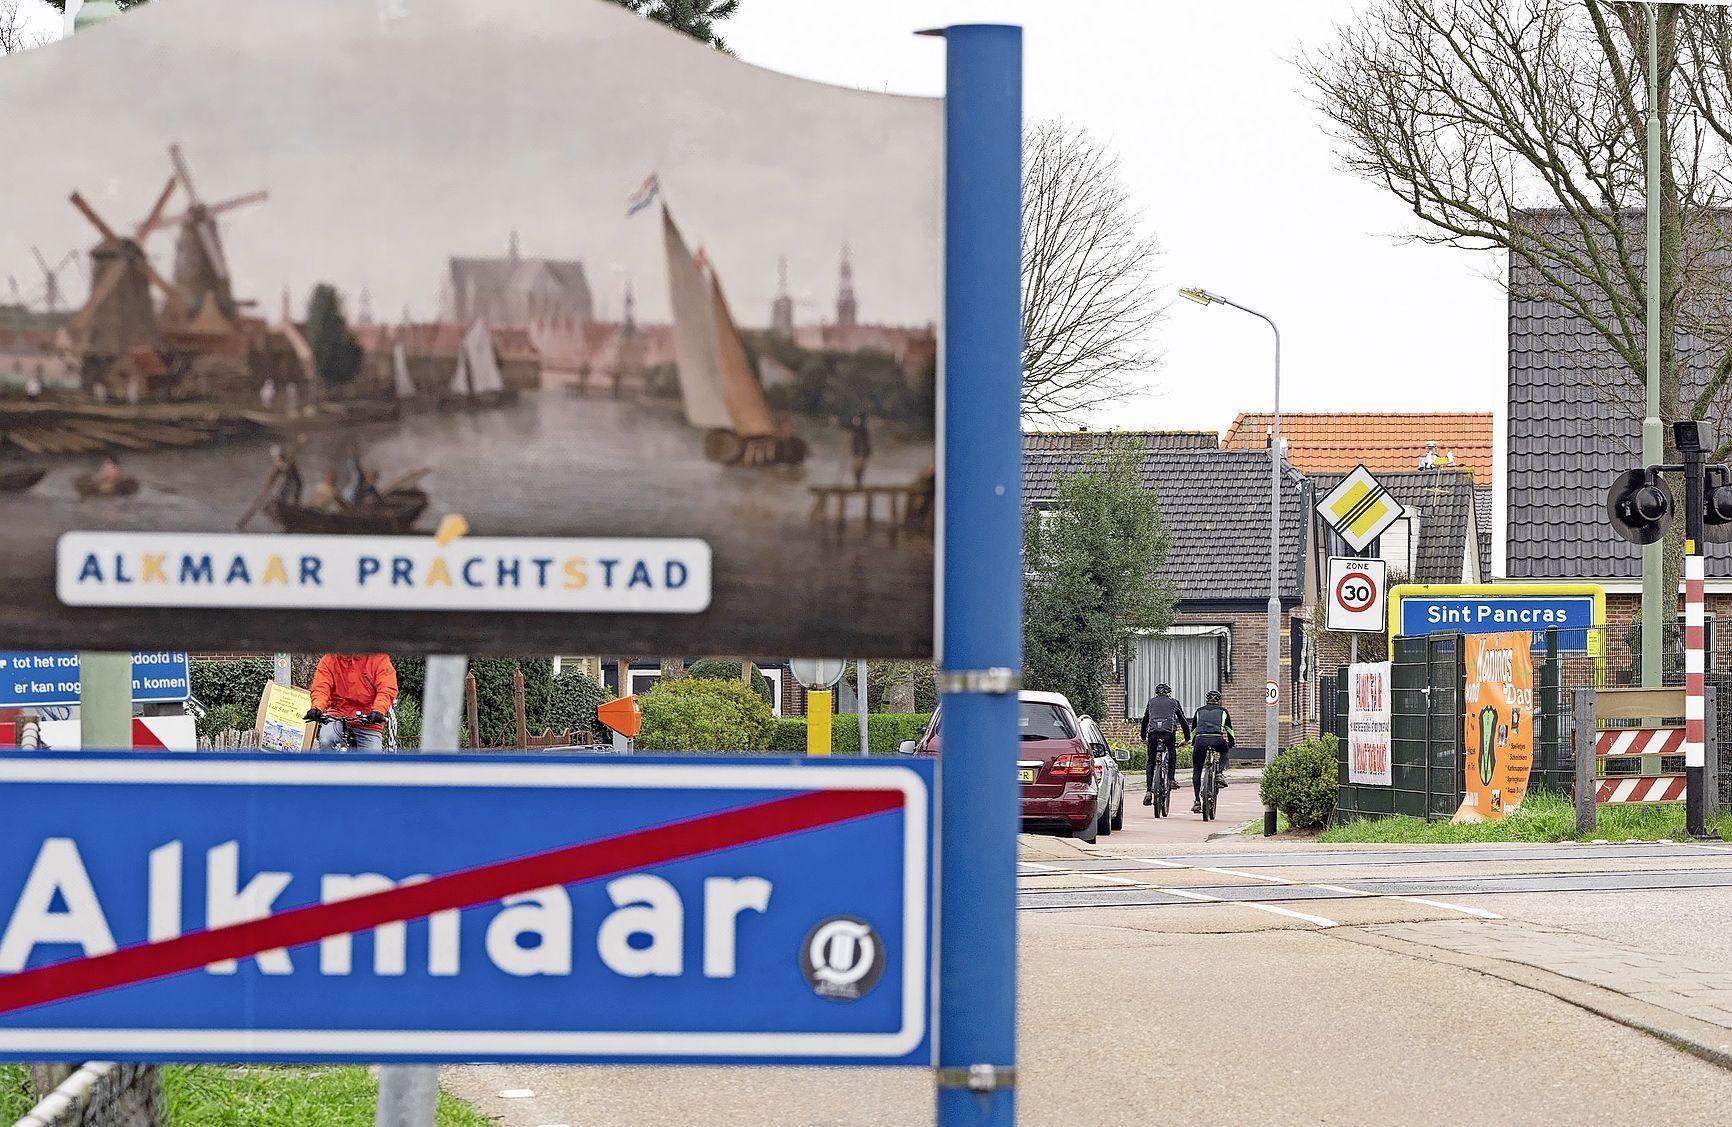 Dankzij de Tweede Kamer is de strijdbijl met Alkmaar nog niet begraven | Analyse